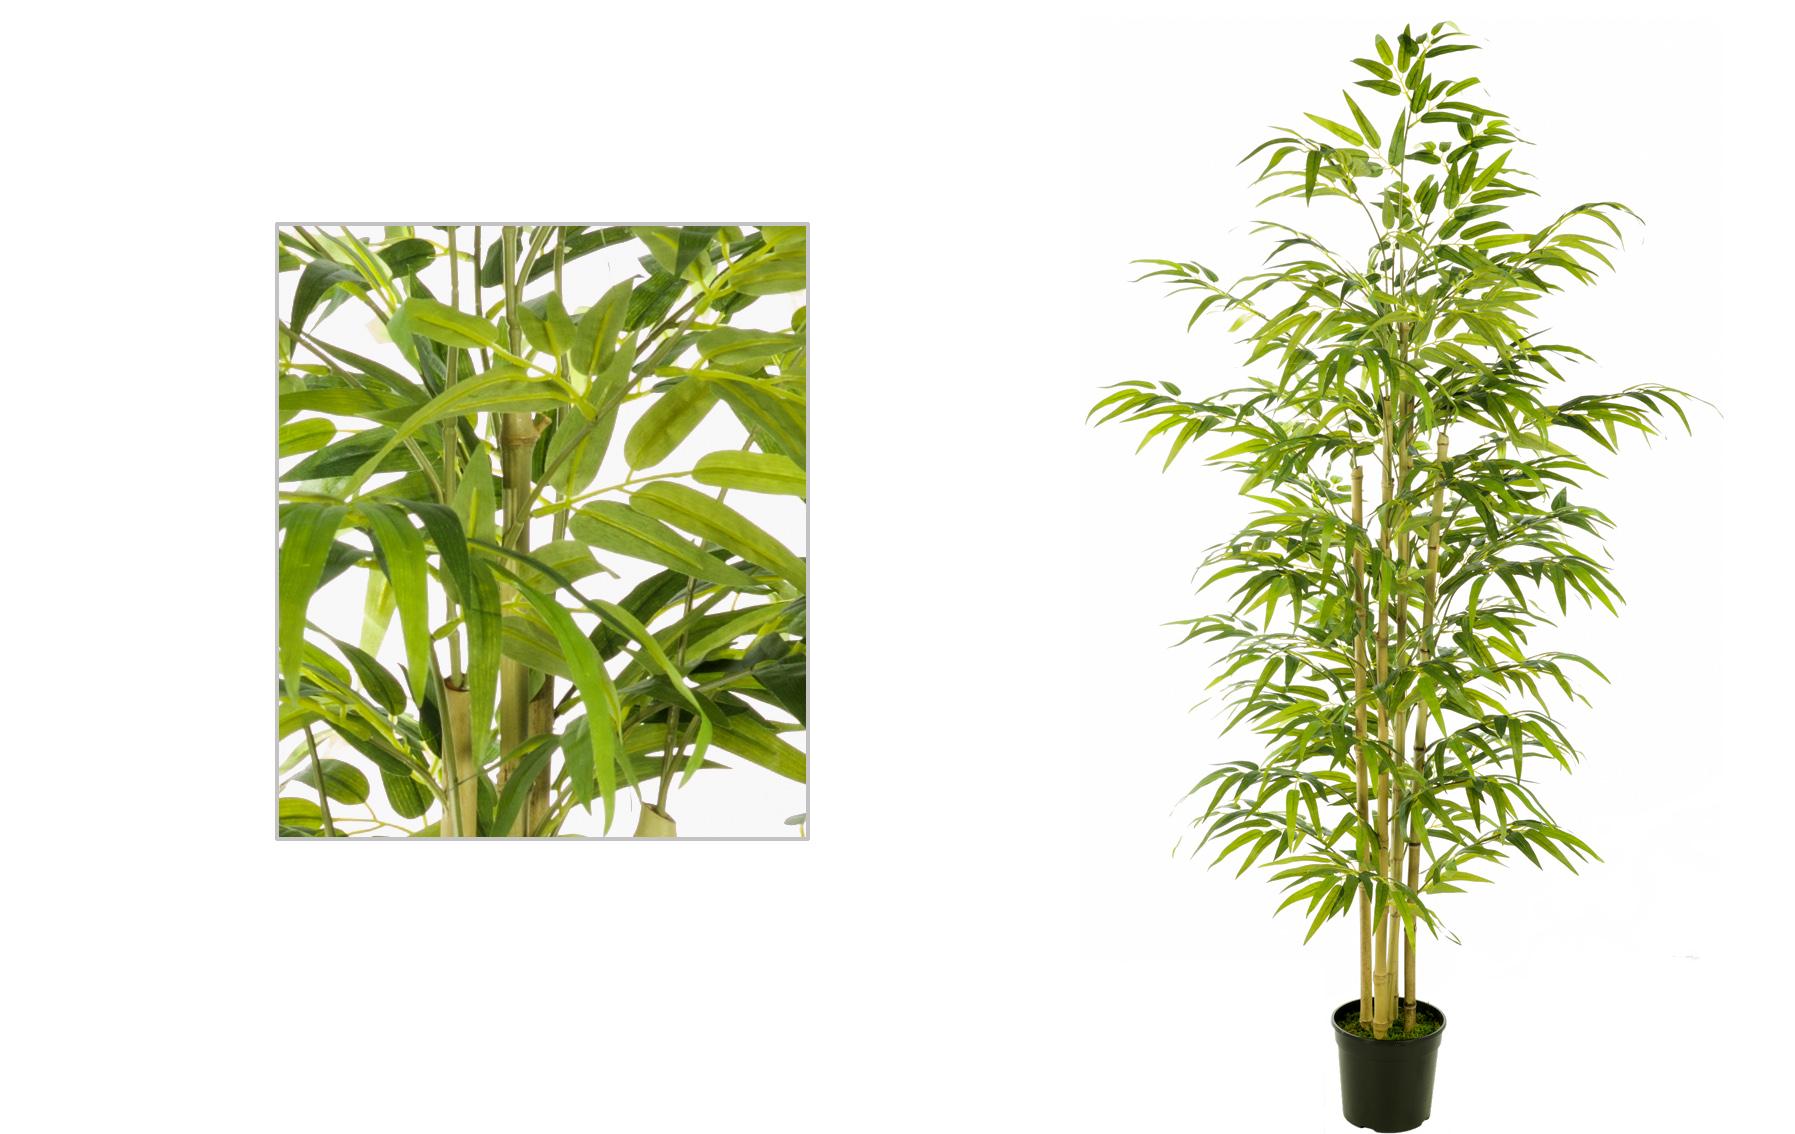 arbol bambu de 150cm www.floresymuchoms.com